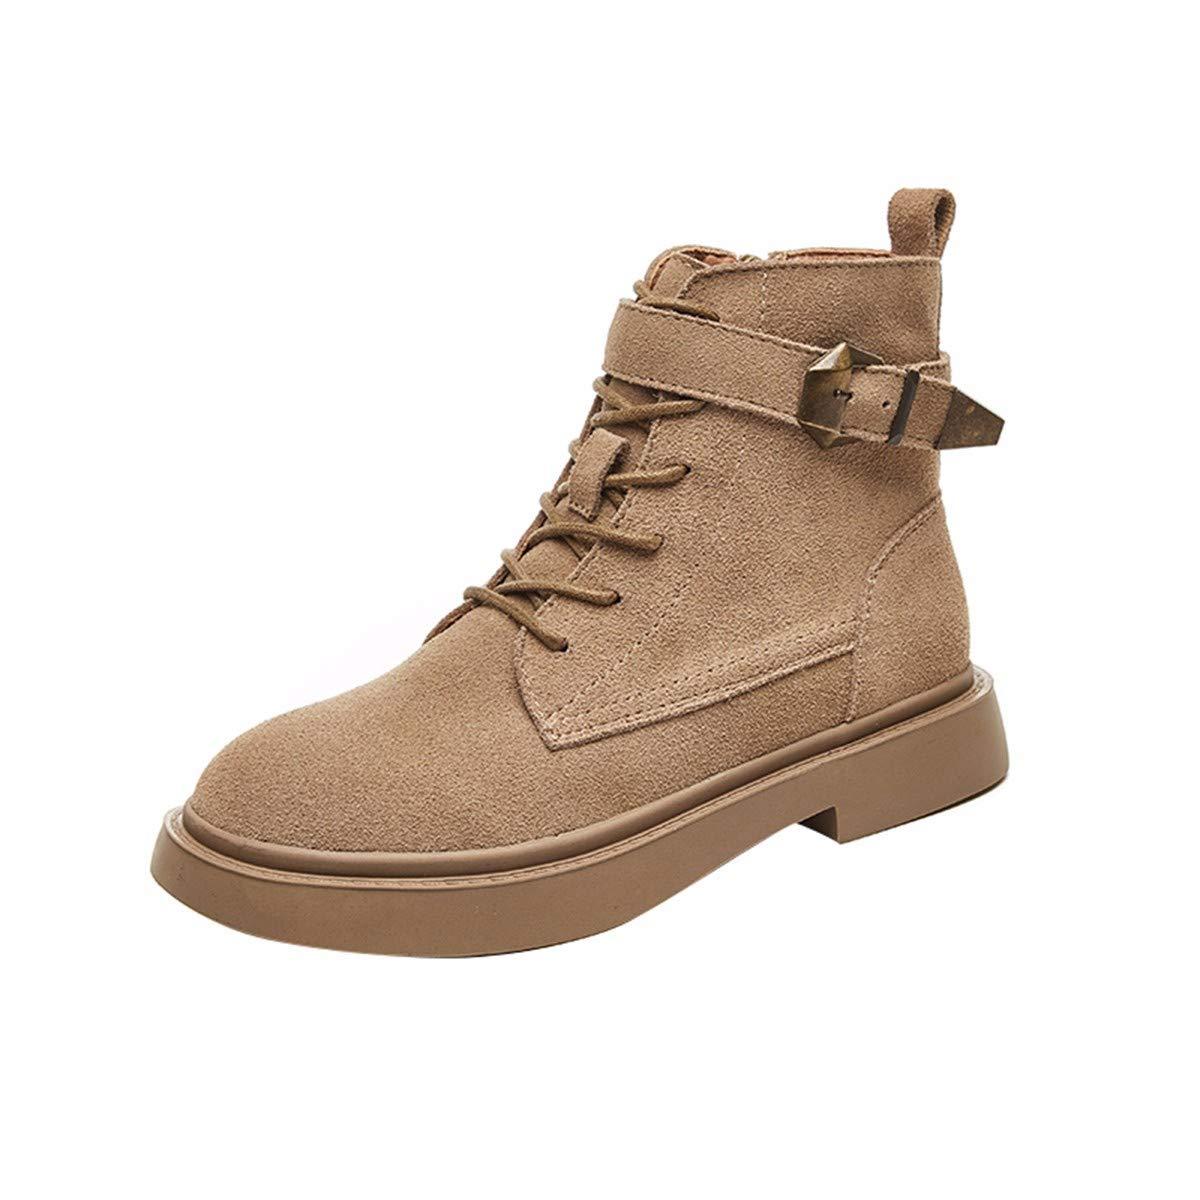 KPHY Damenschuhe/Leder Britische Wind Hohe Martin Sommer Schuhe Stiefel Chelsea Chelsea Stiefel Stiefel Studenten-Stiefel.36 Schwarz  - 2dd702